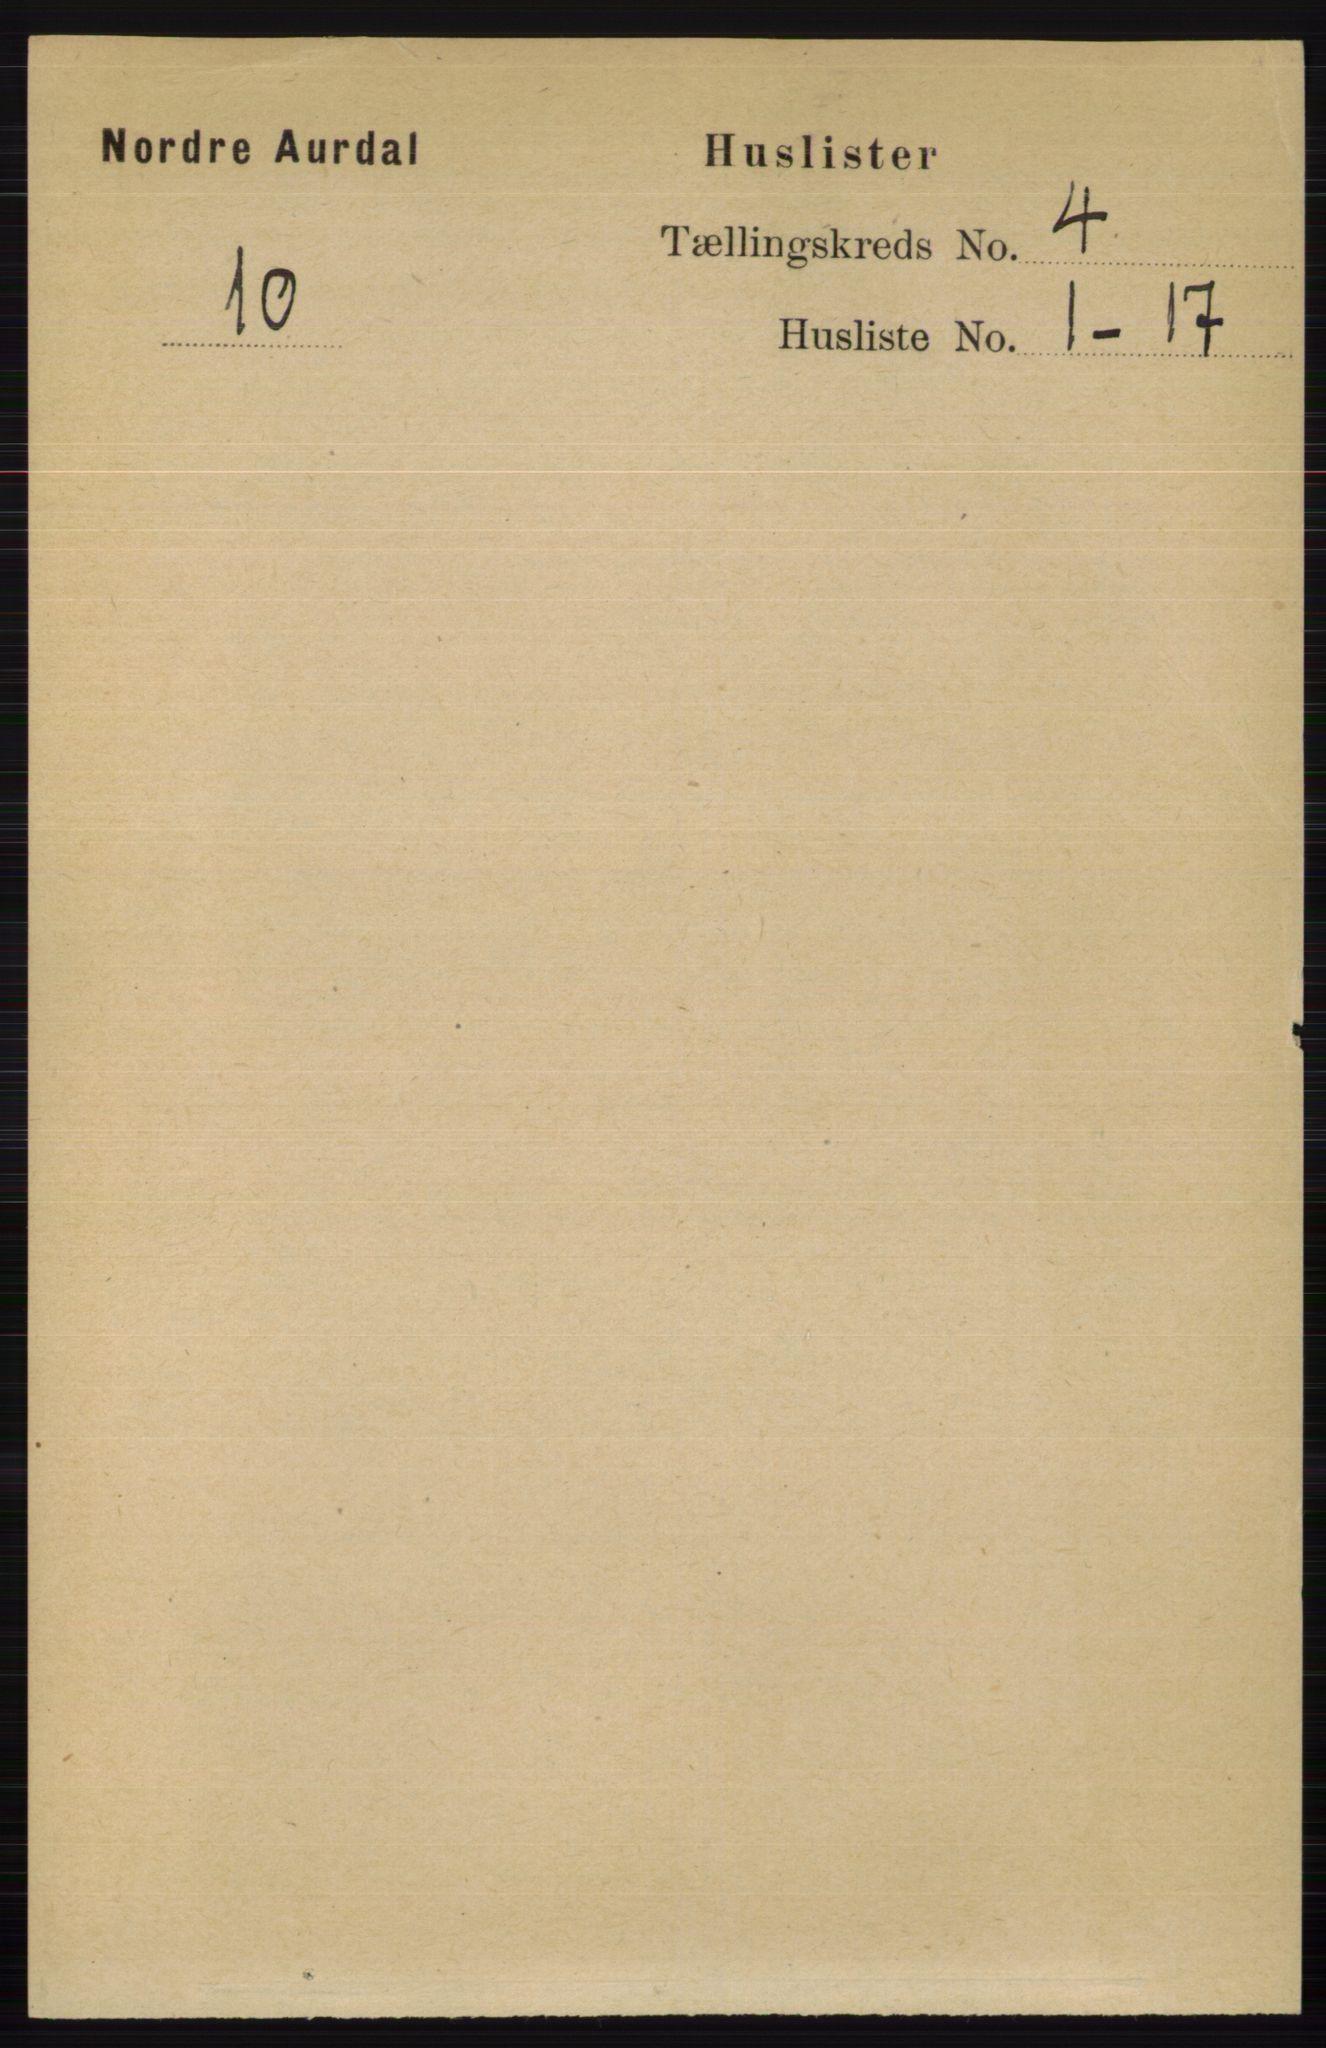 RA, Folketelling 1891 for 0542 Nord-Aurdal herred, 1891, s. 1148